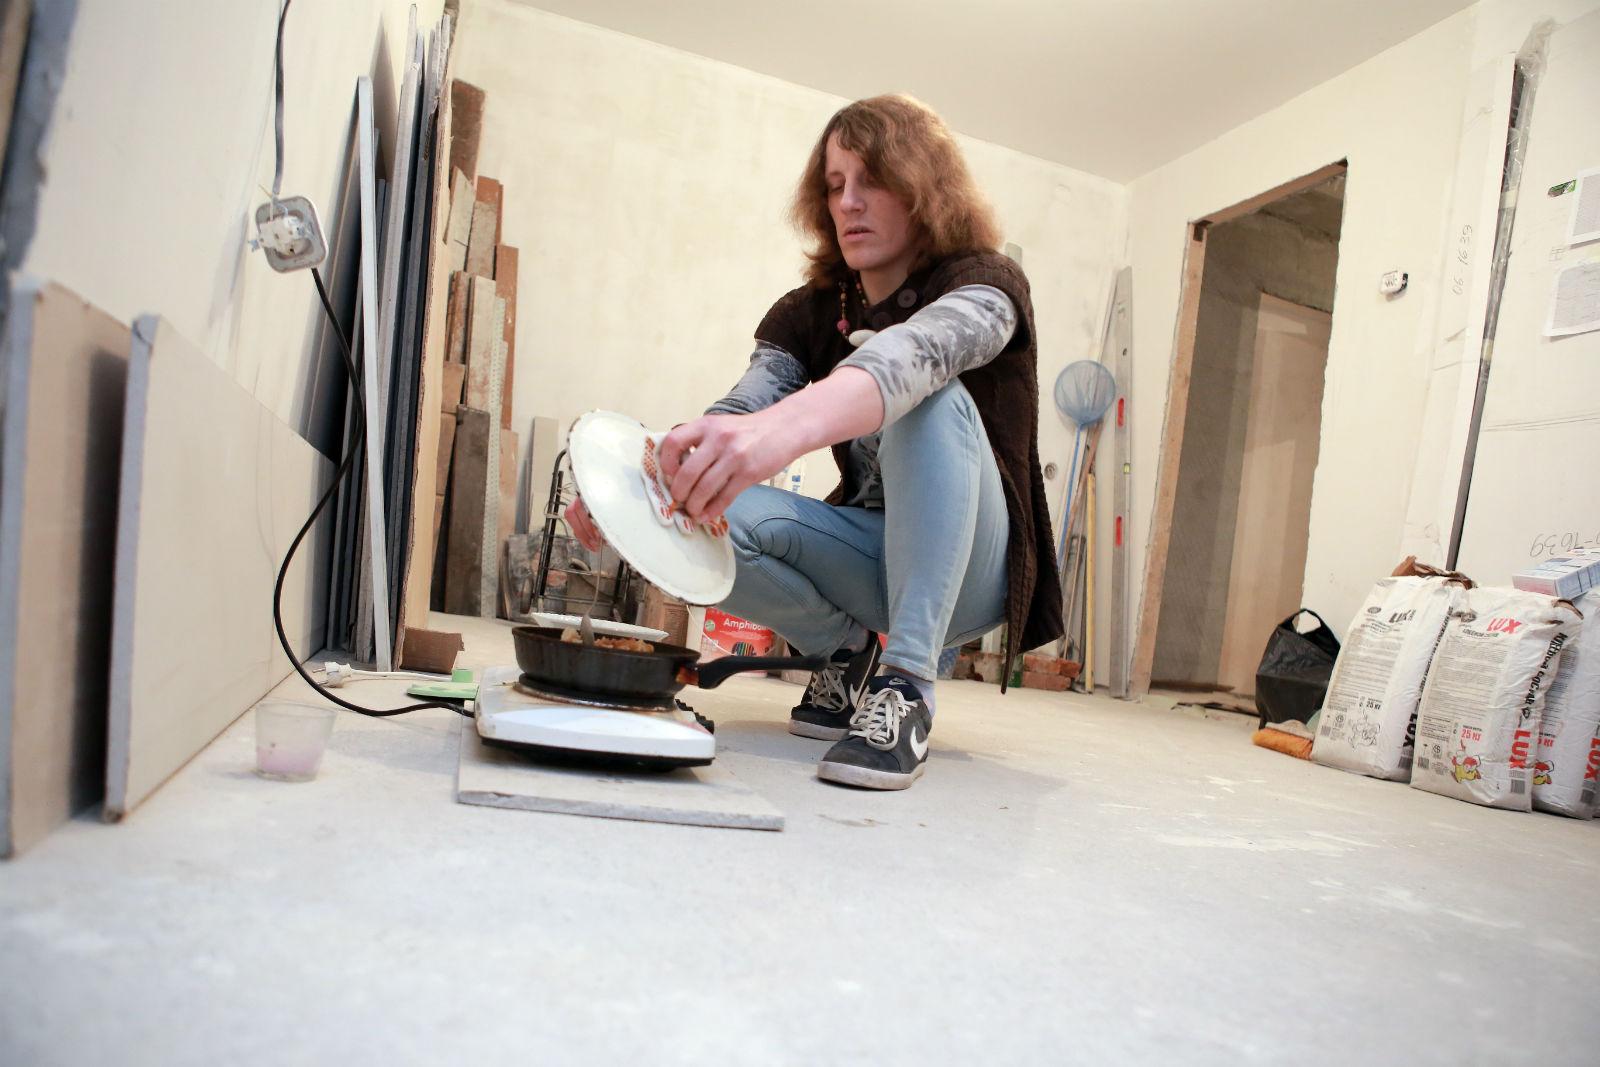 Алина готовит еду в своей квартире.